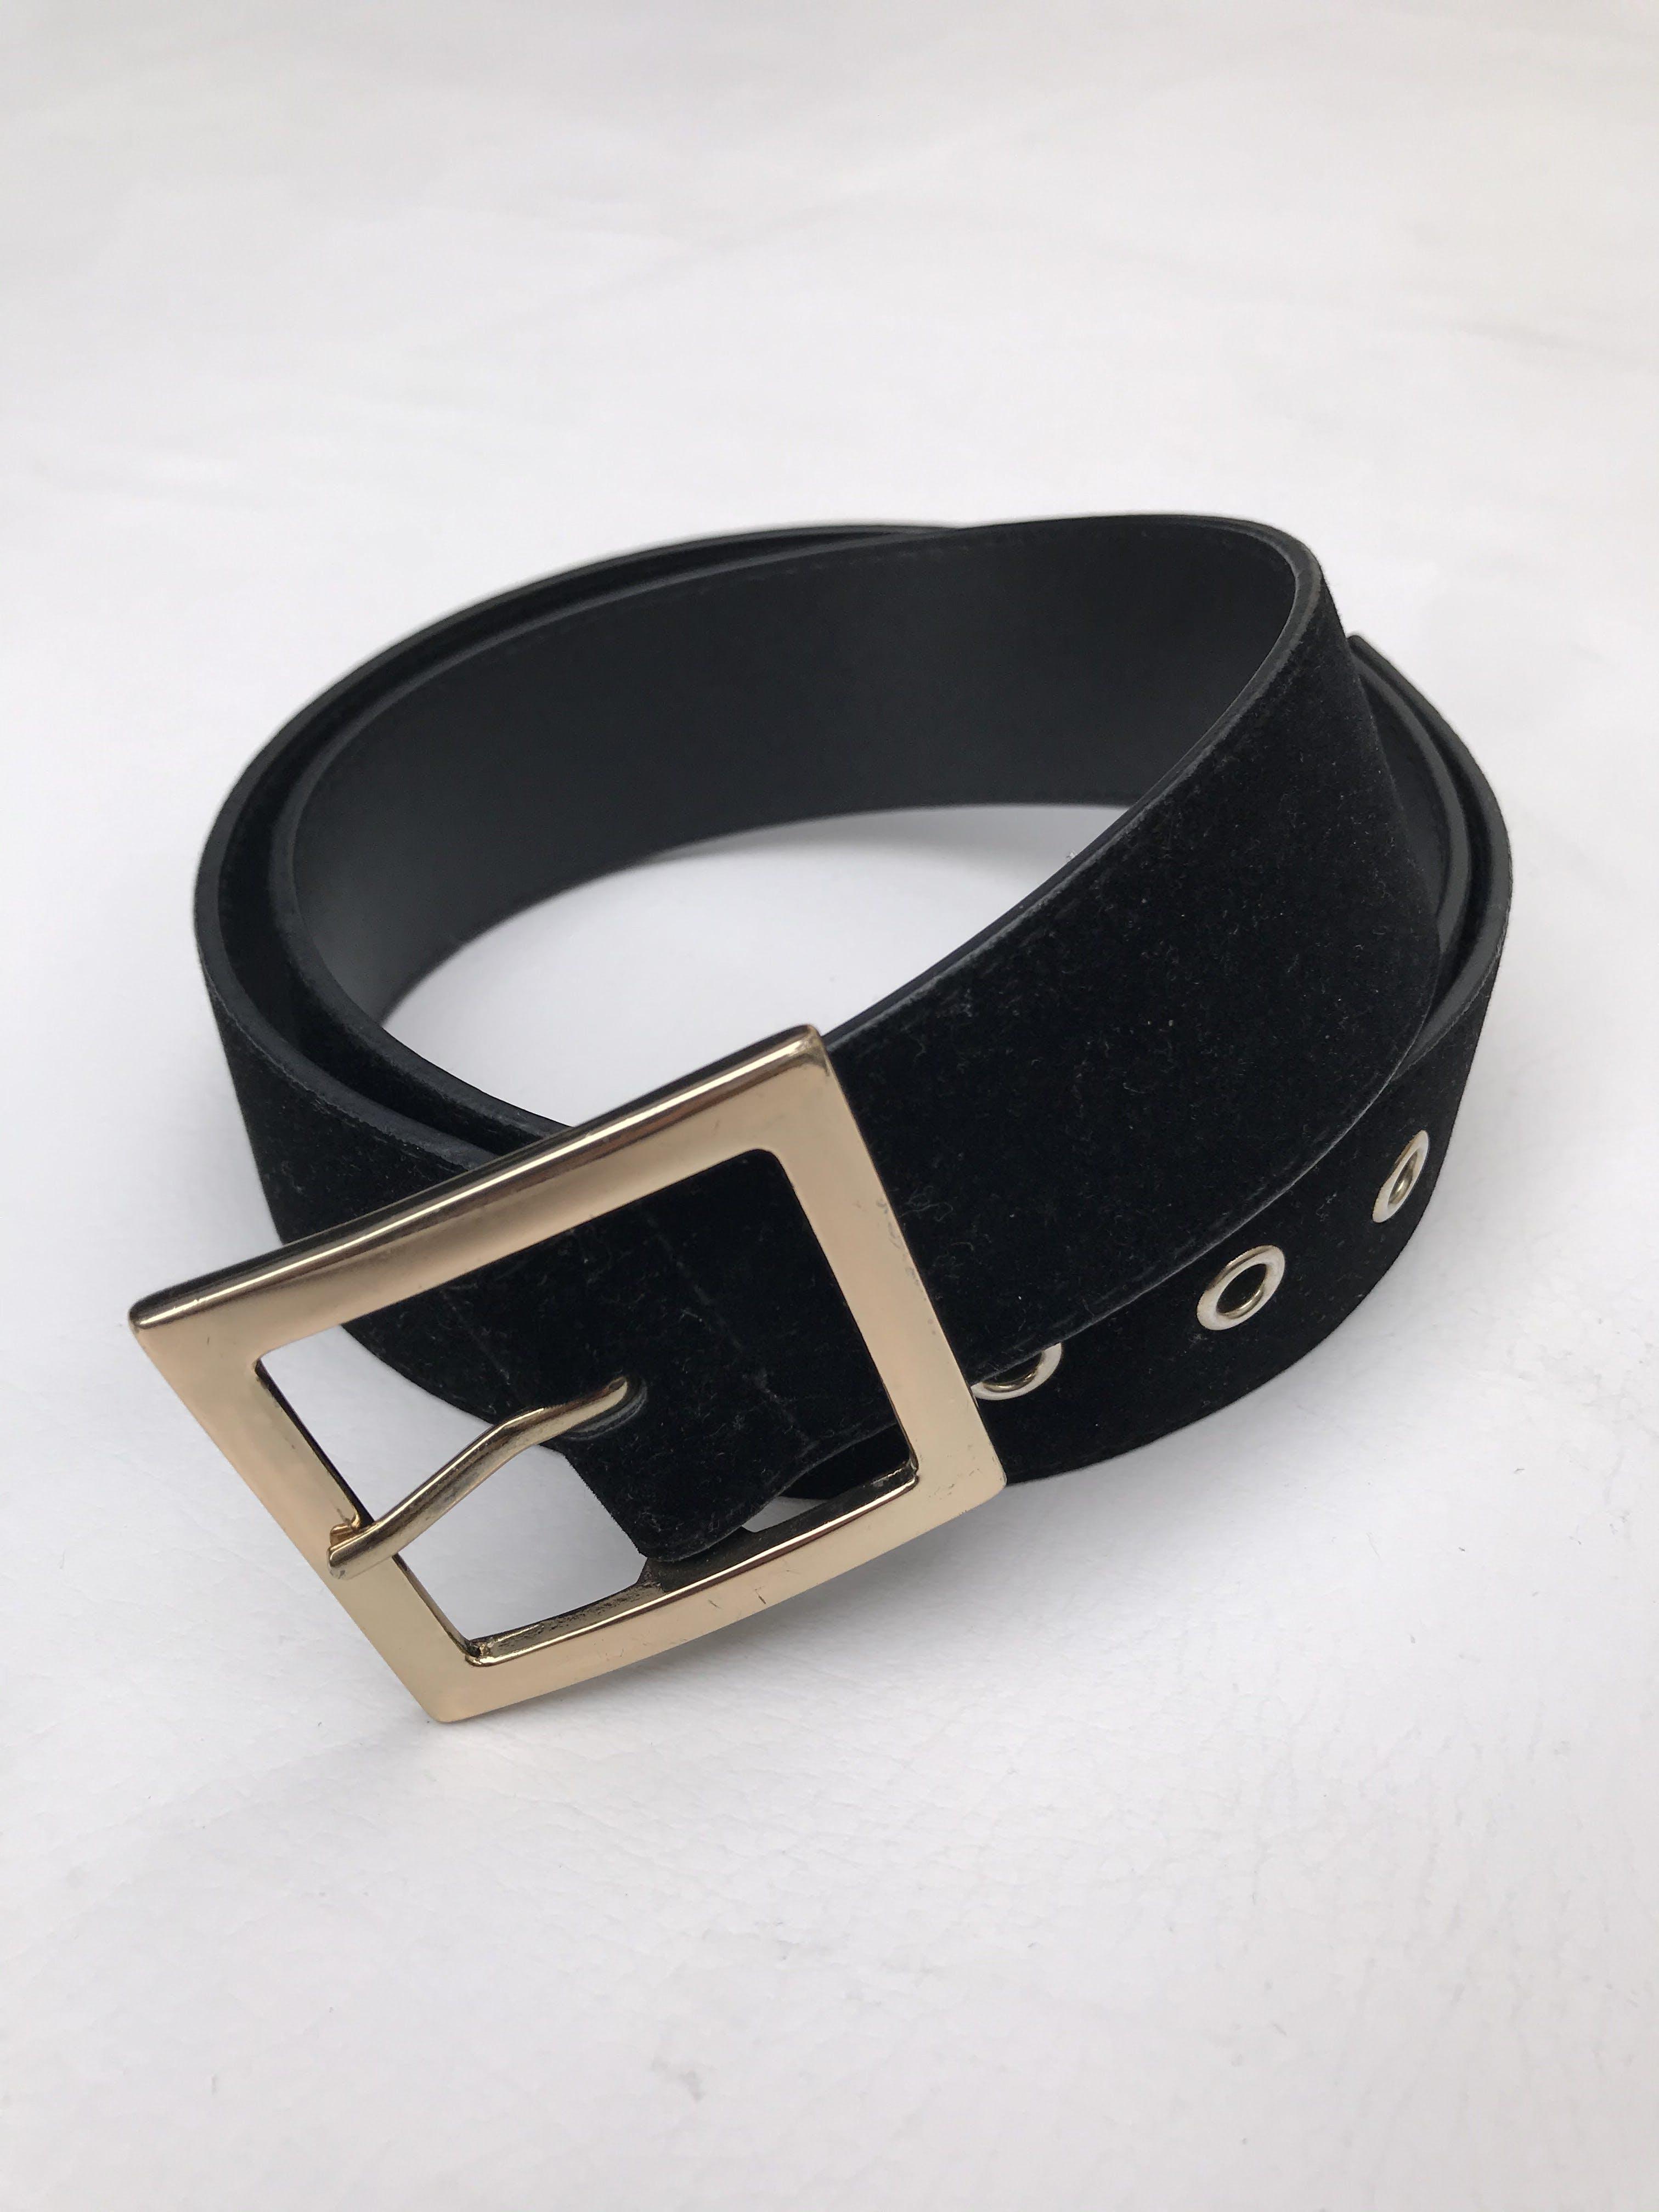 Correa H&M negra con parte superior tipo terciopelo y hebilla cuadrada dorada